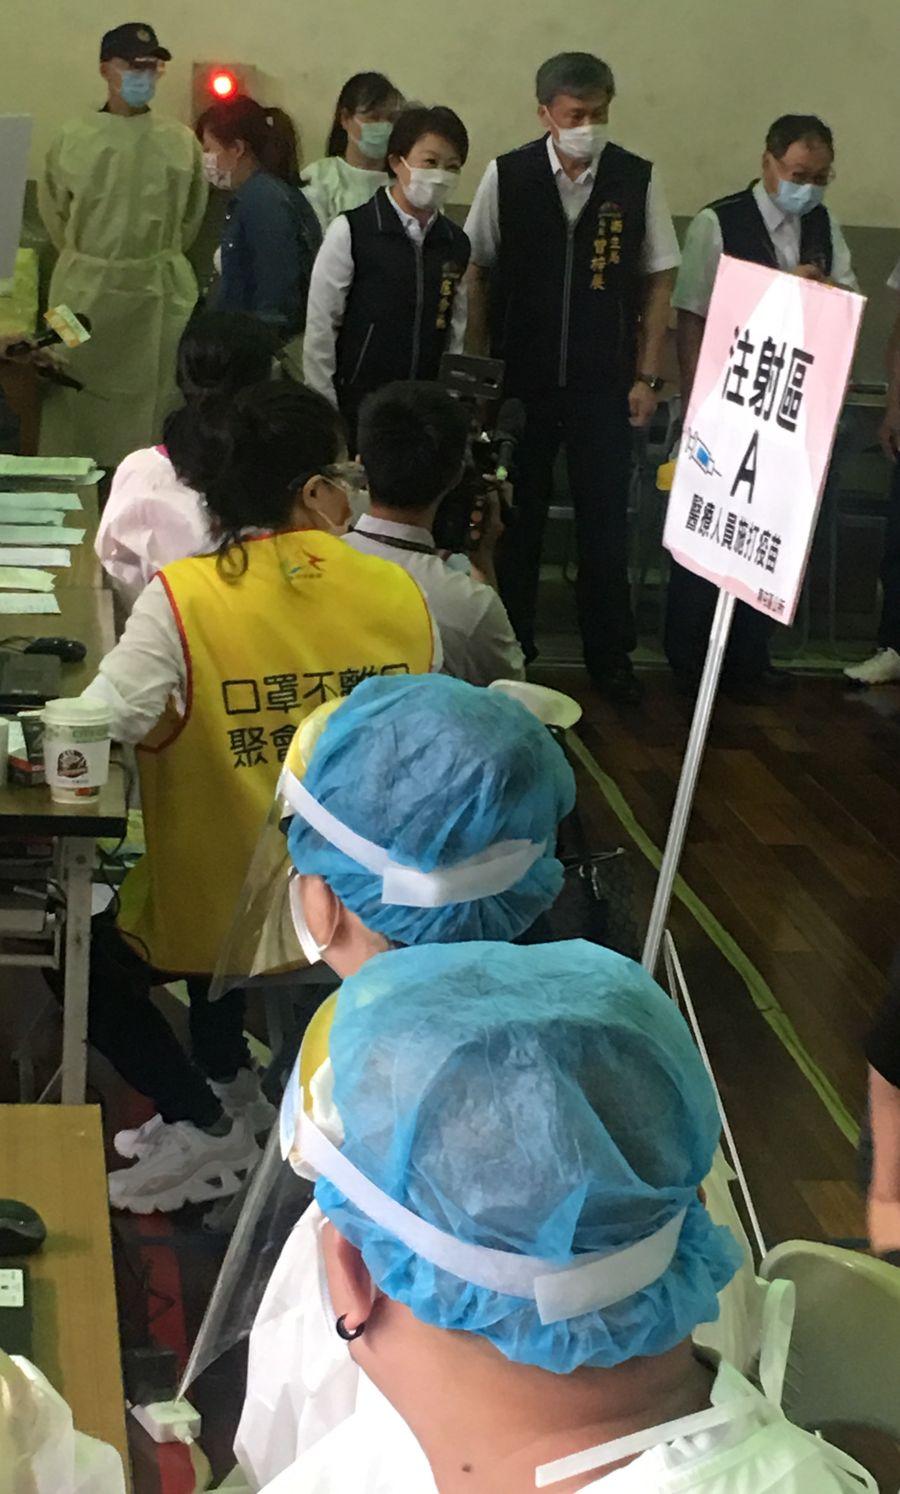 85歲以上長者注射疫苗 市長盧秀燕向工作人員致謝